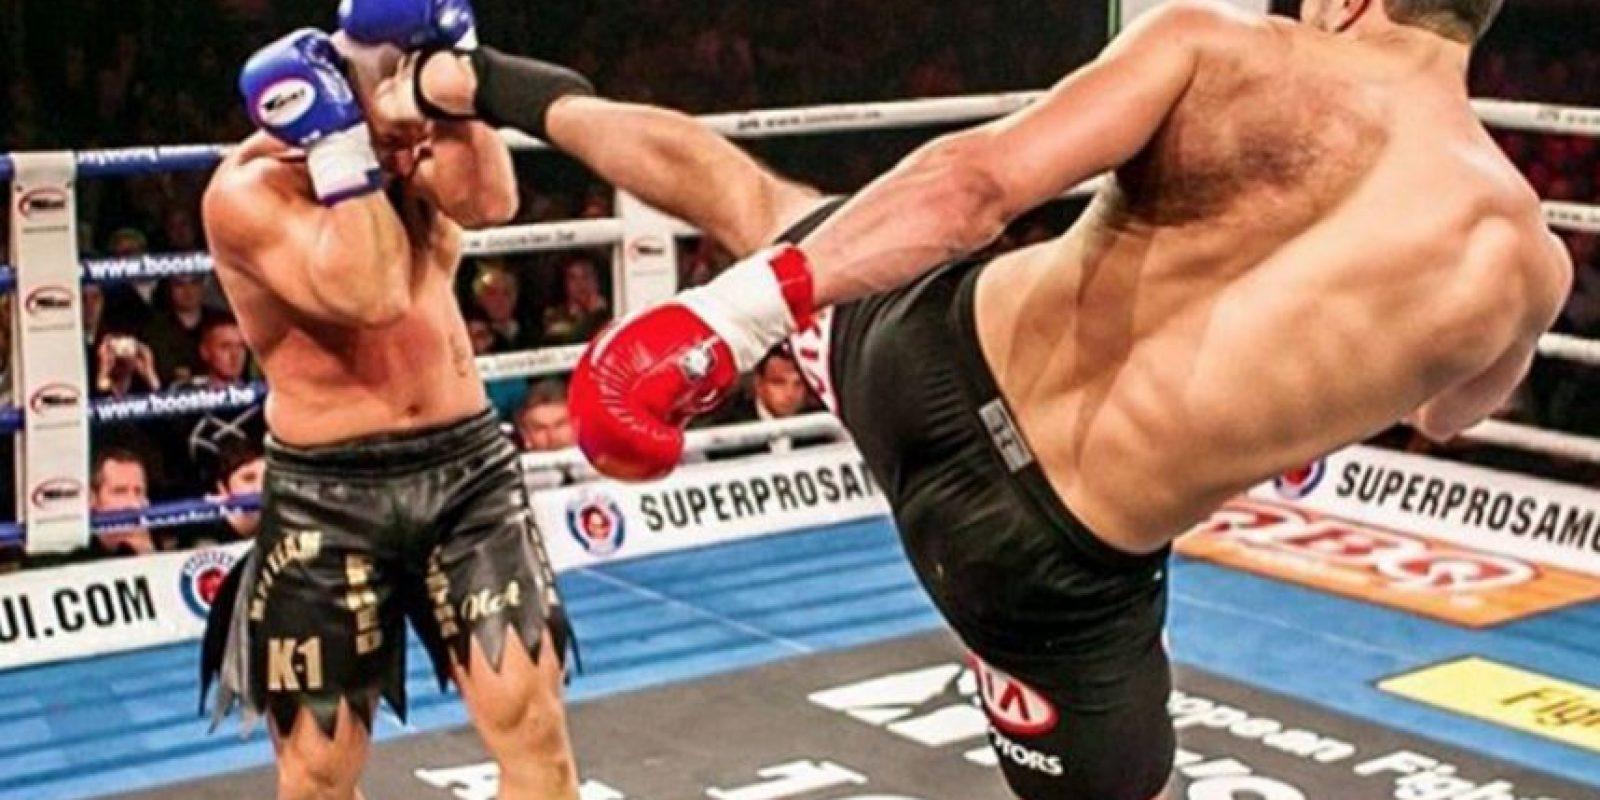 Fue Campeón de los Pesos Pesados de K-1 en 2008 y también Campeón de los Pesos Pesados de Showtime en 2010. Foto:Vía instagram.com/badrhariofficial